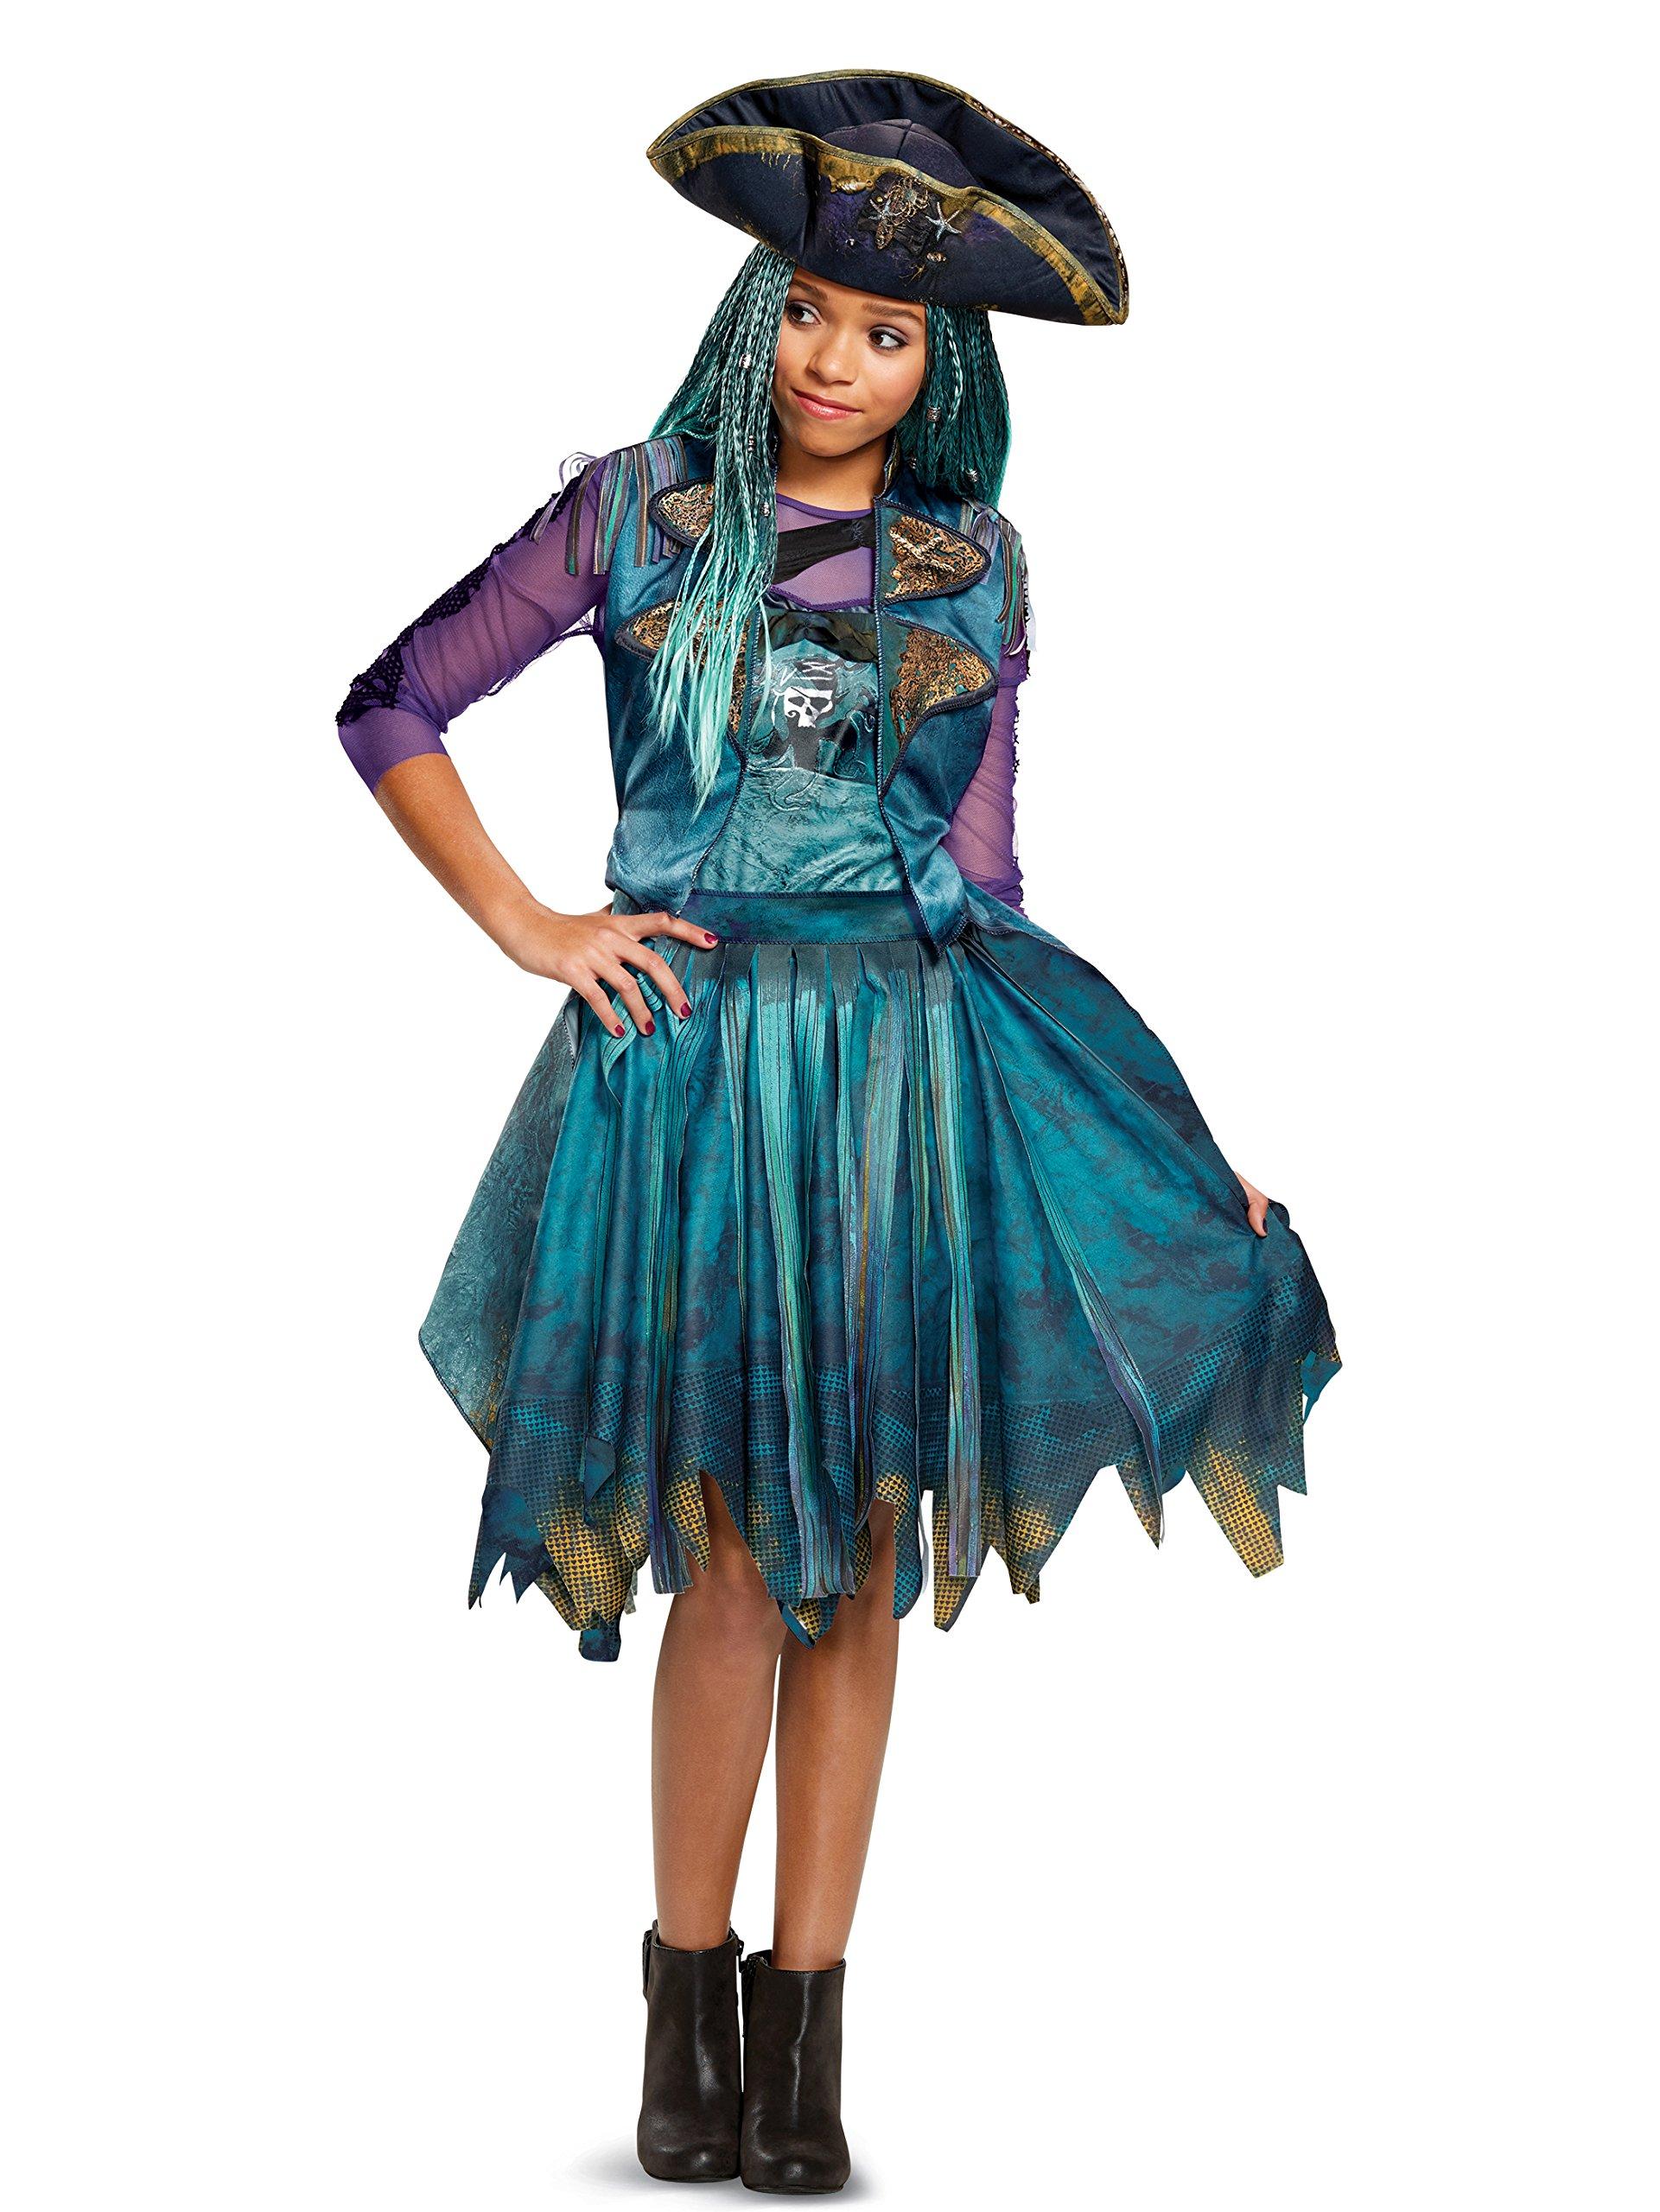 Disguise Uma Classic Descendants 2 Costume, Teal, Medium (7-8)